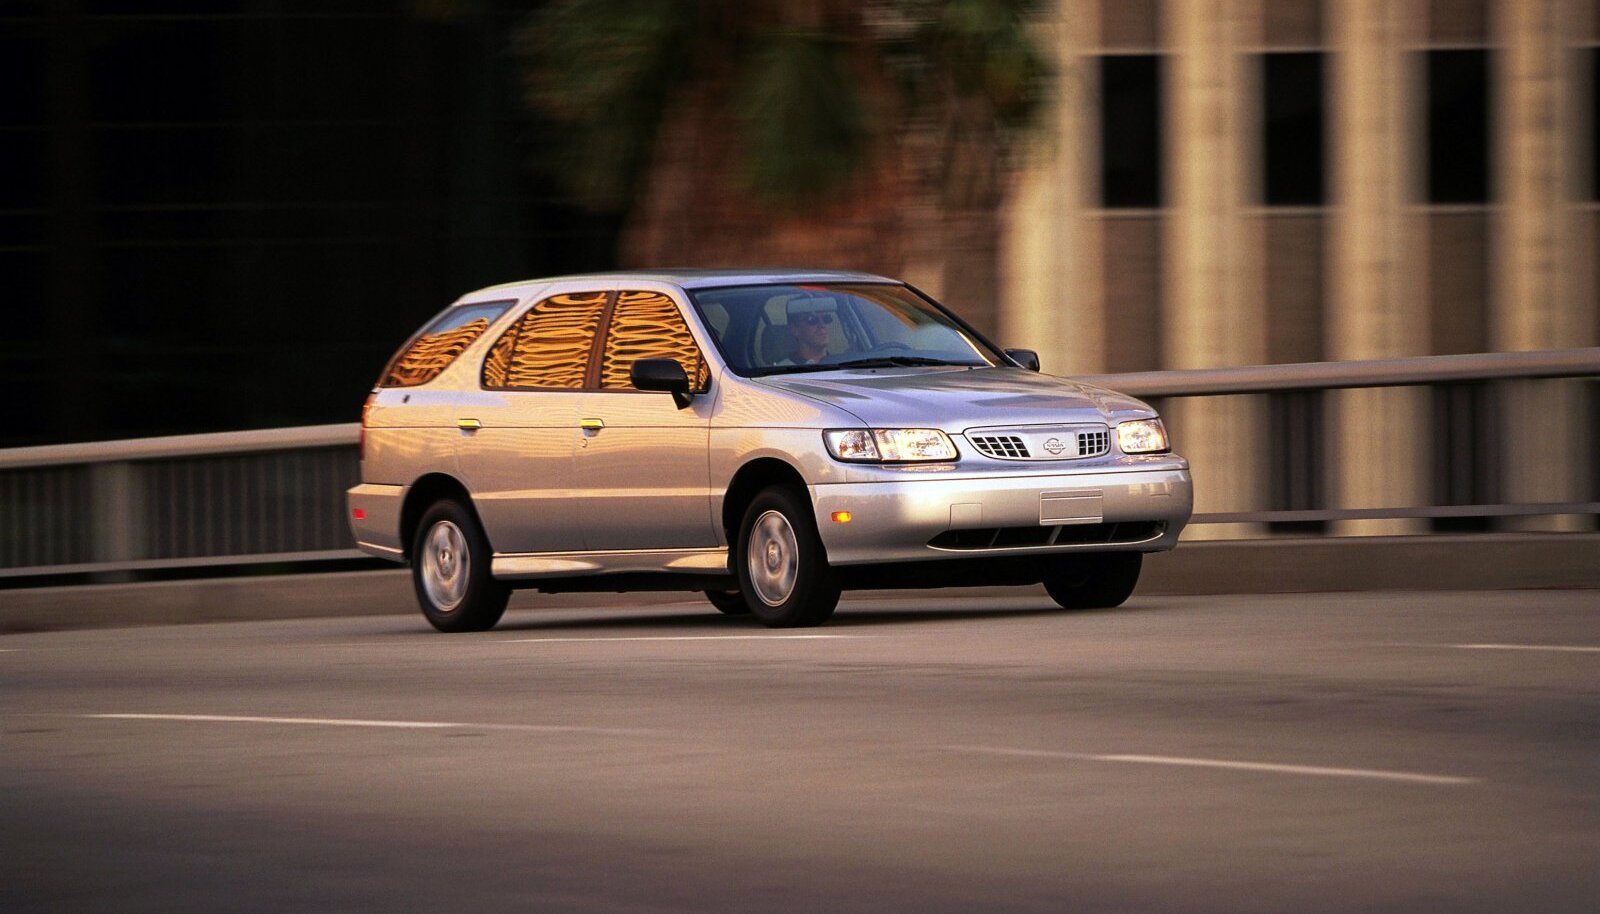 Elektriline mahtuniversaali Nissan Altra esmaesitlus oli 1997. aastal Los Angeleses